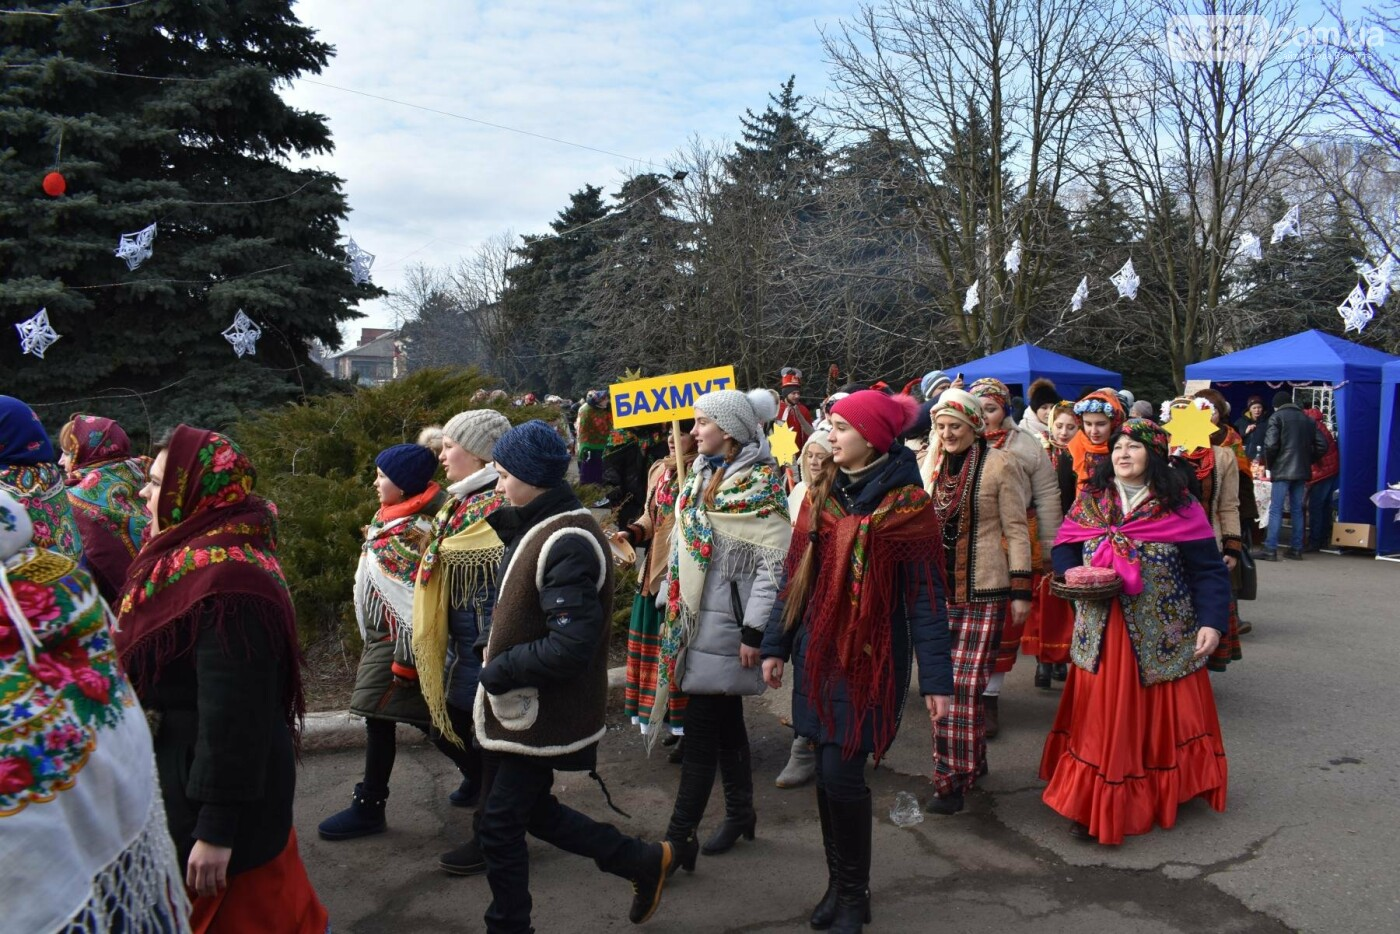 Бахмутские коллективы приняли участие в фестивале вертепов «Рождественский перезвон», фото-3